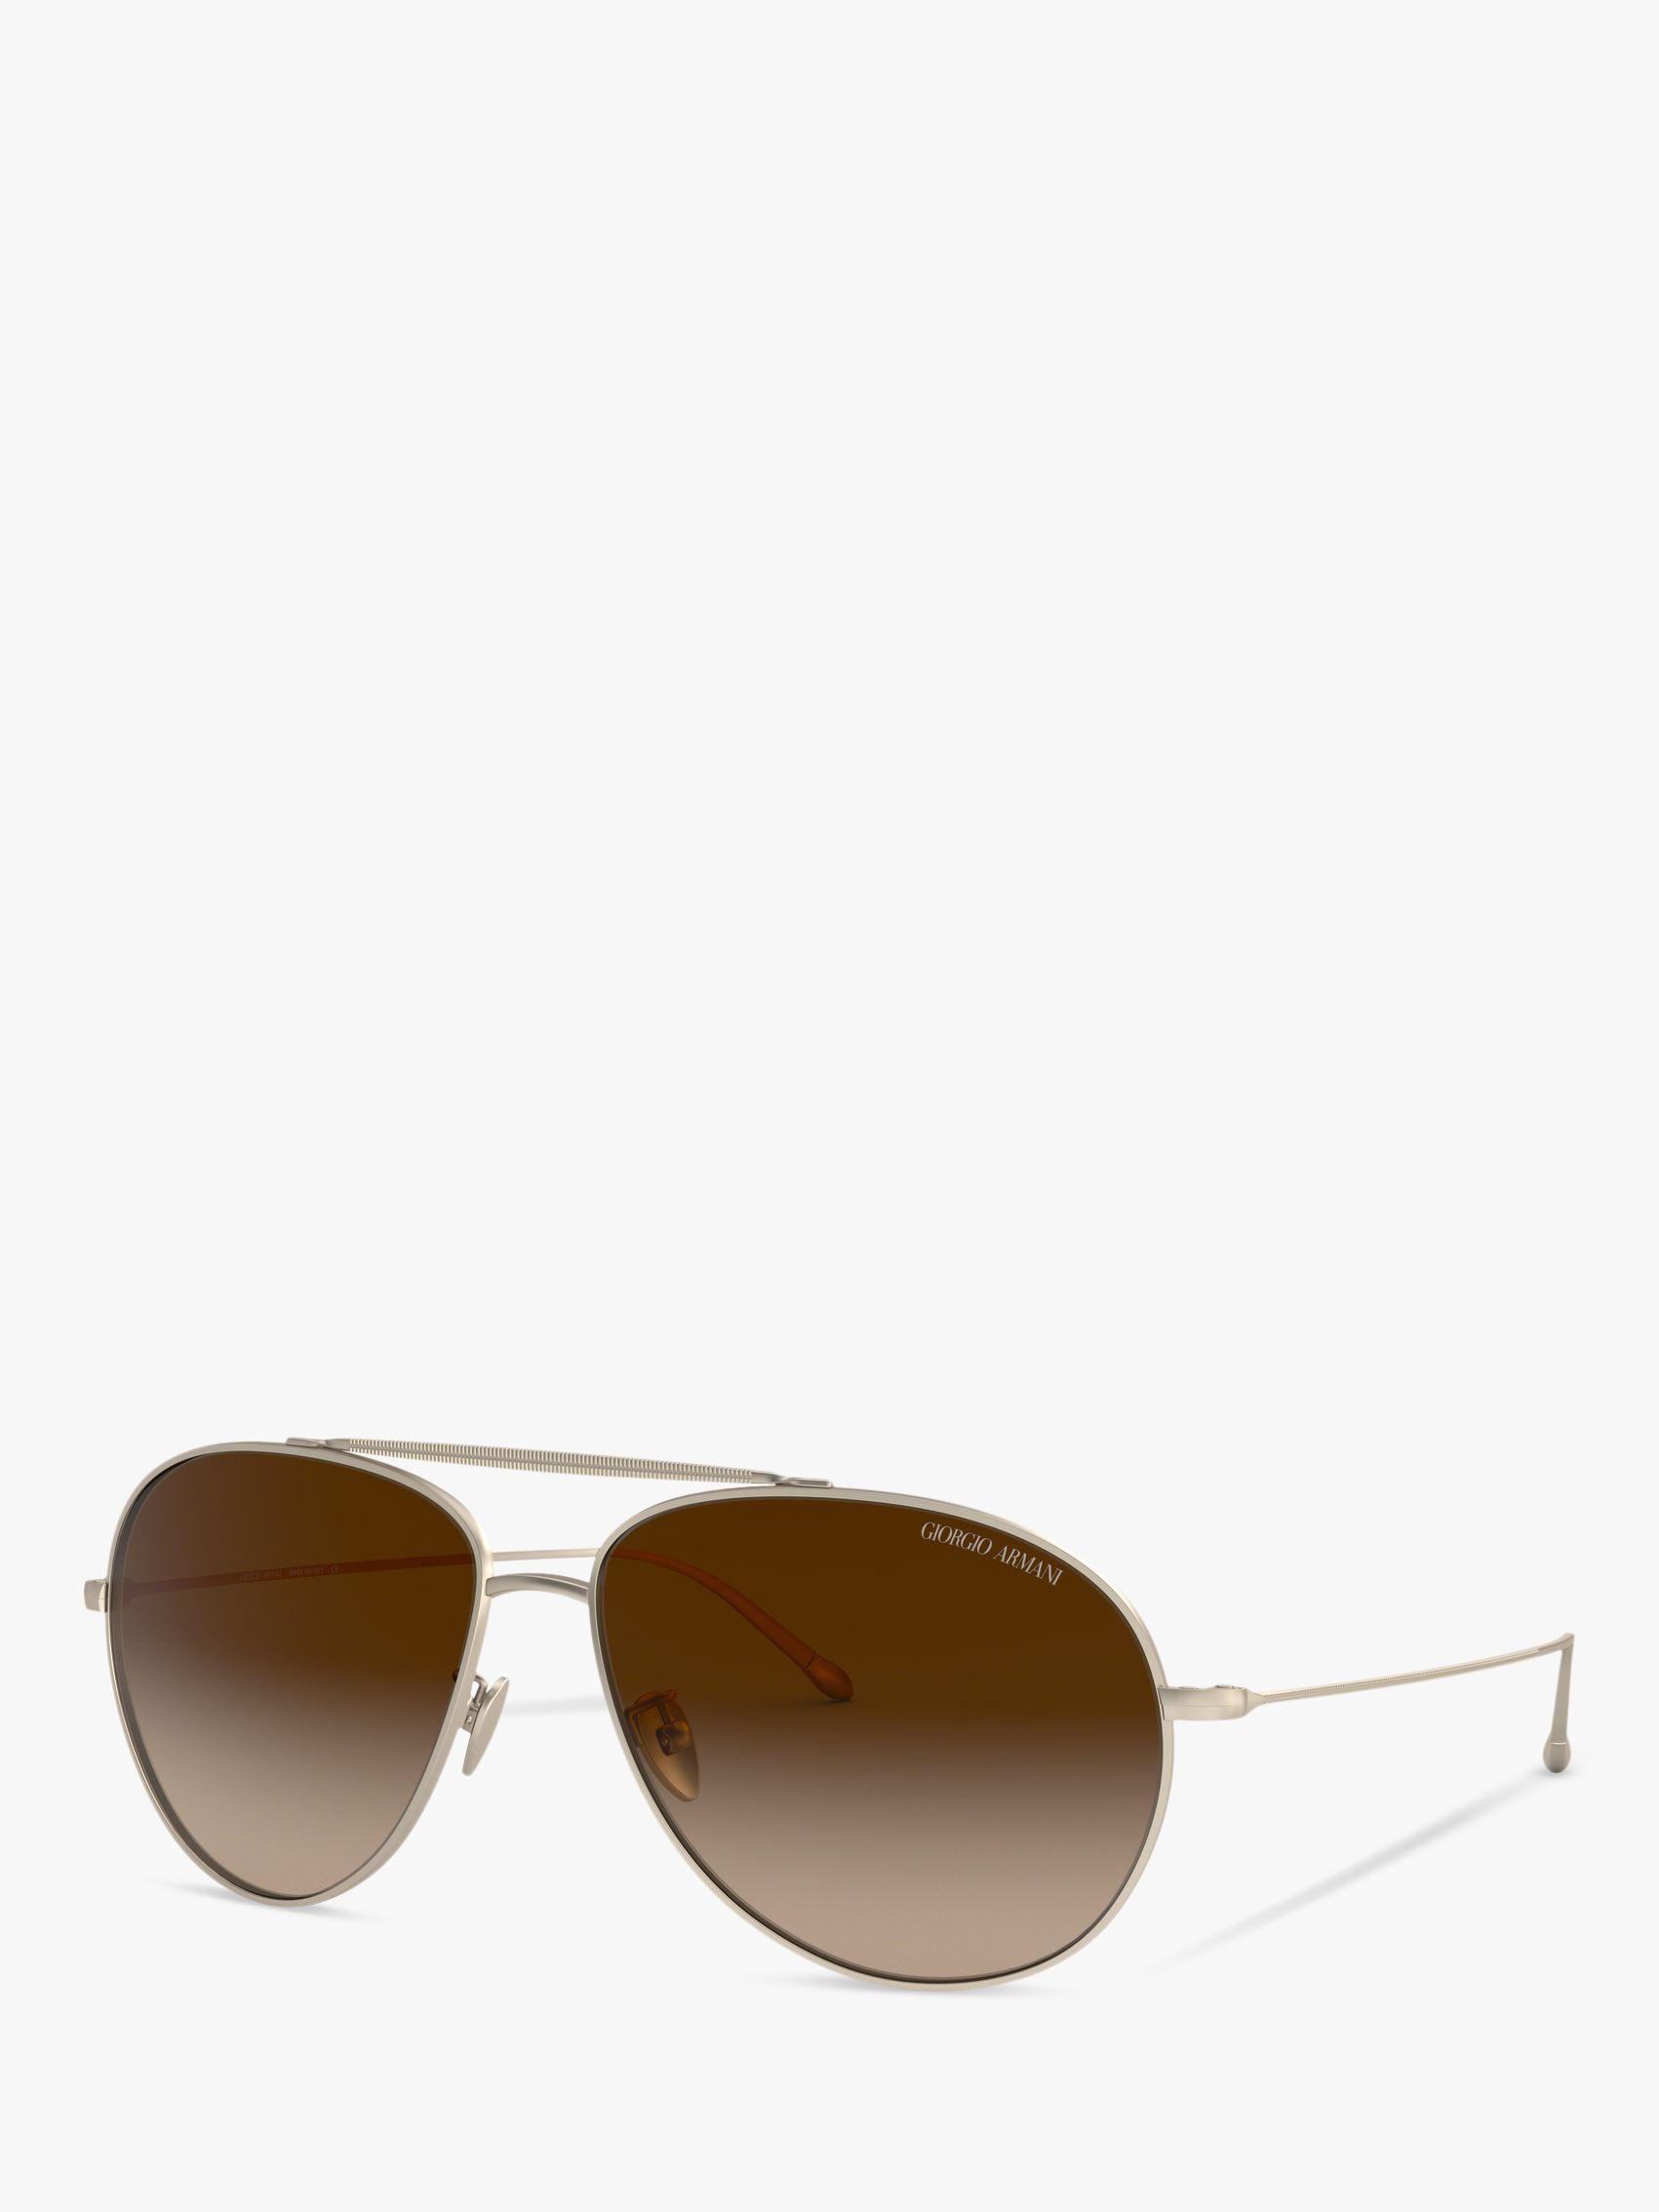 Giorgio Armani Giorgio Armani AR6093 Men's Aviator Sunglasses, Matte Gold/Brown Gradient